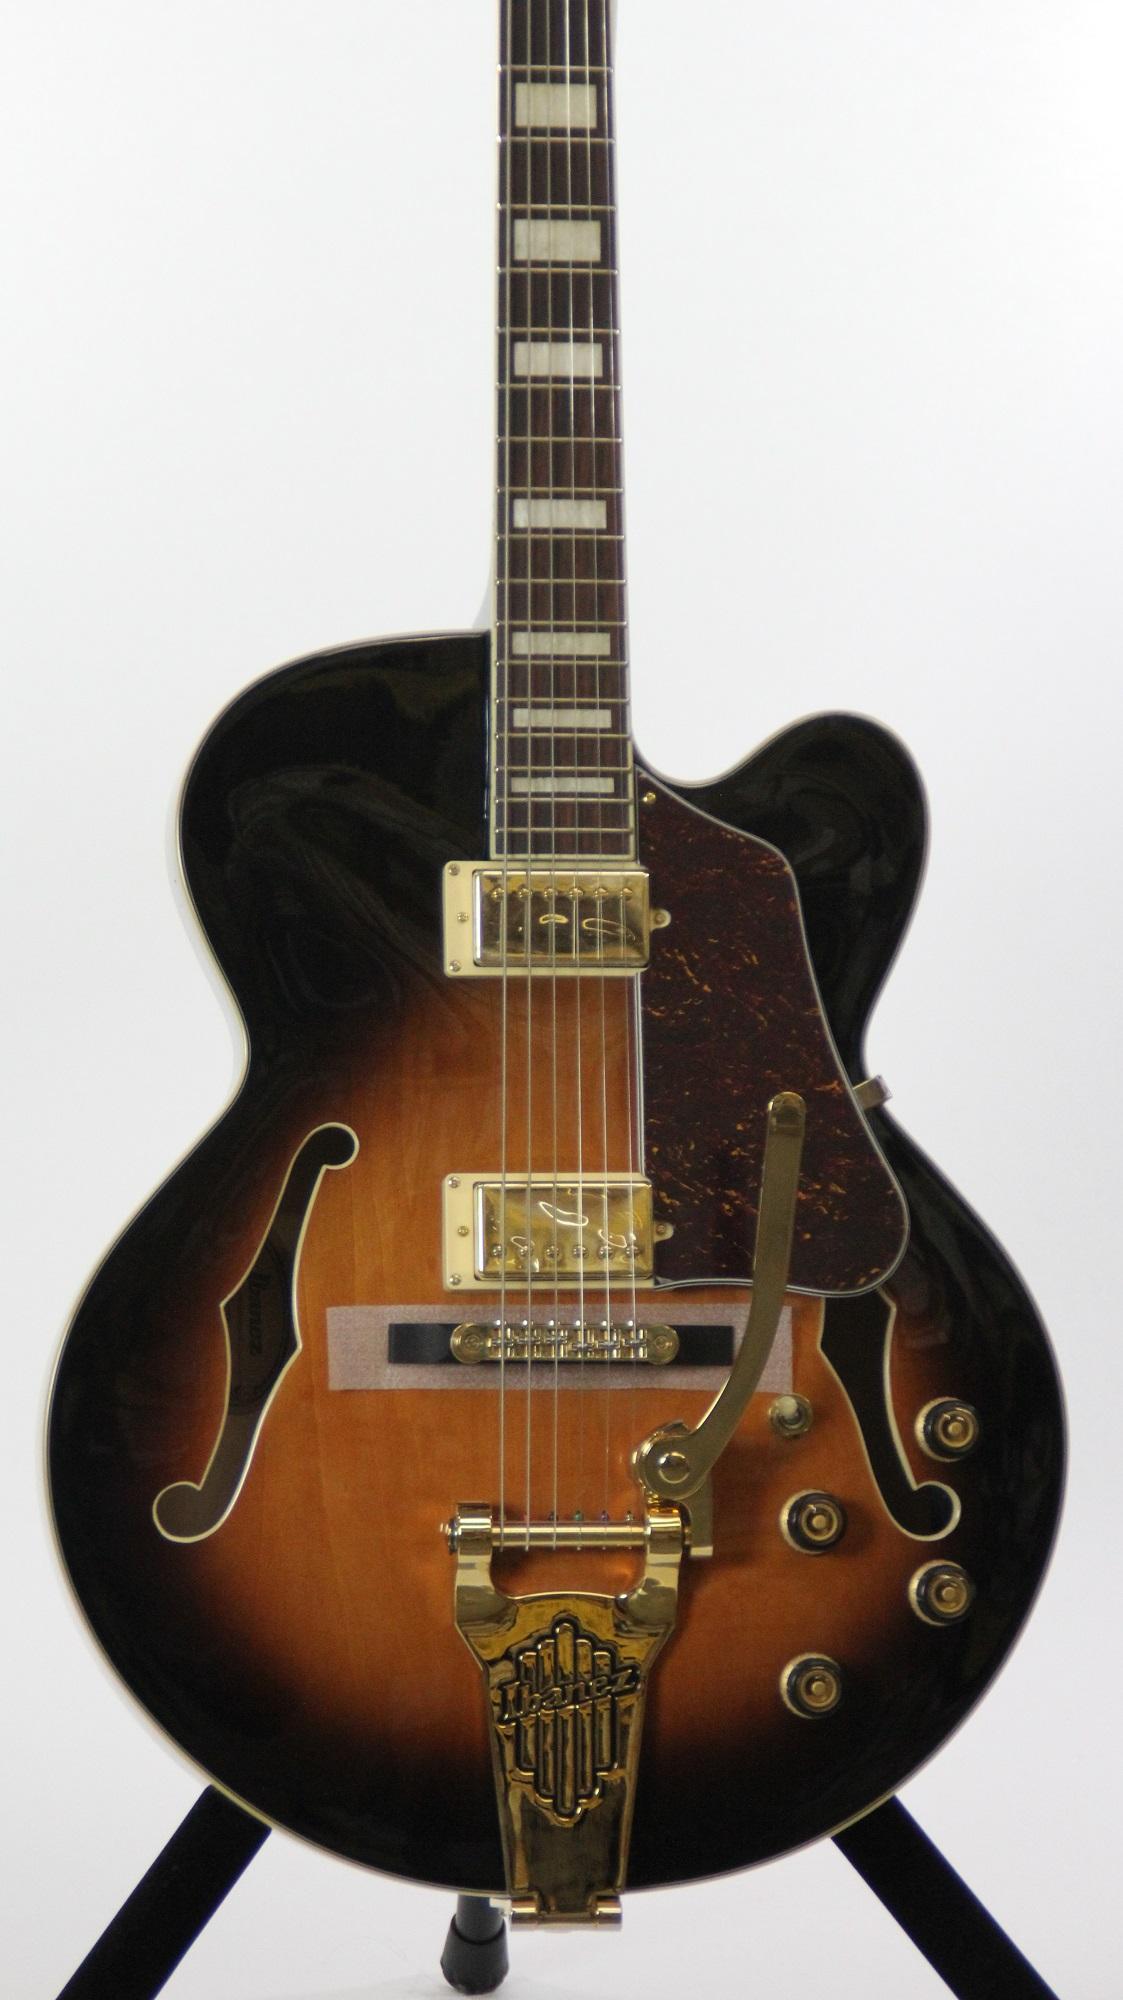 ibanez af75tdg artcore vintage sunburst hollow body electric guitar 6. Black Bedroom Furniture Sets. Home Design Ideas